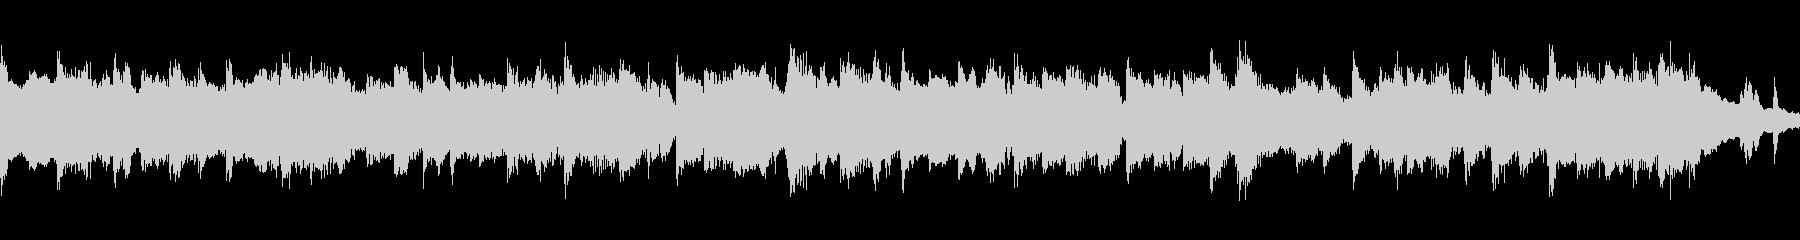 故郷の情景・ループ再生用ショート版の未再生の波形